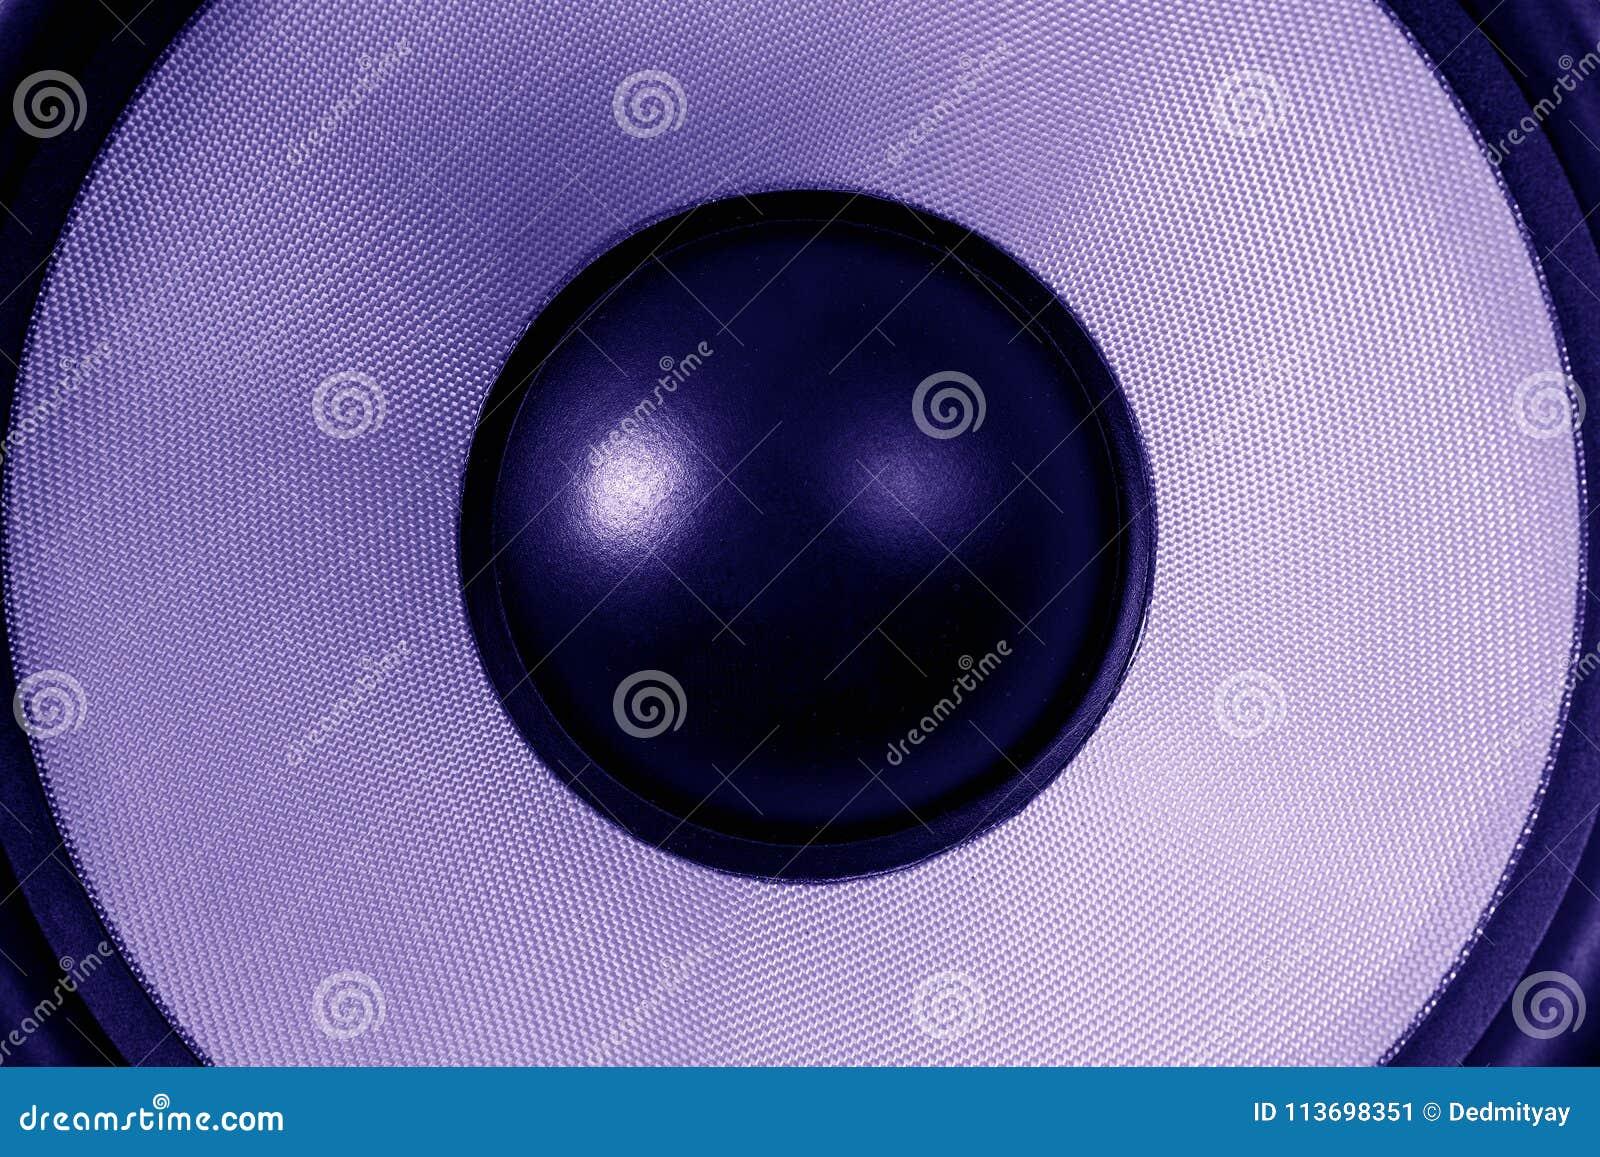 Ultra violet Subwoofer dynamic or sound speaker, party background, dark purple toned